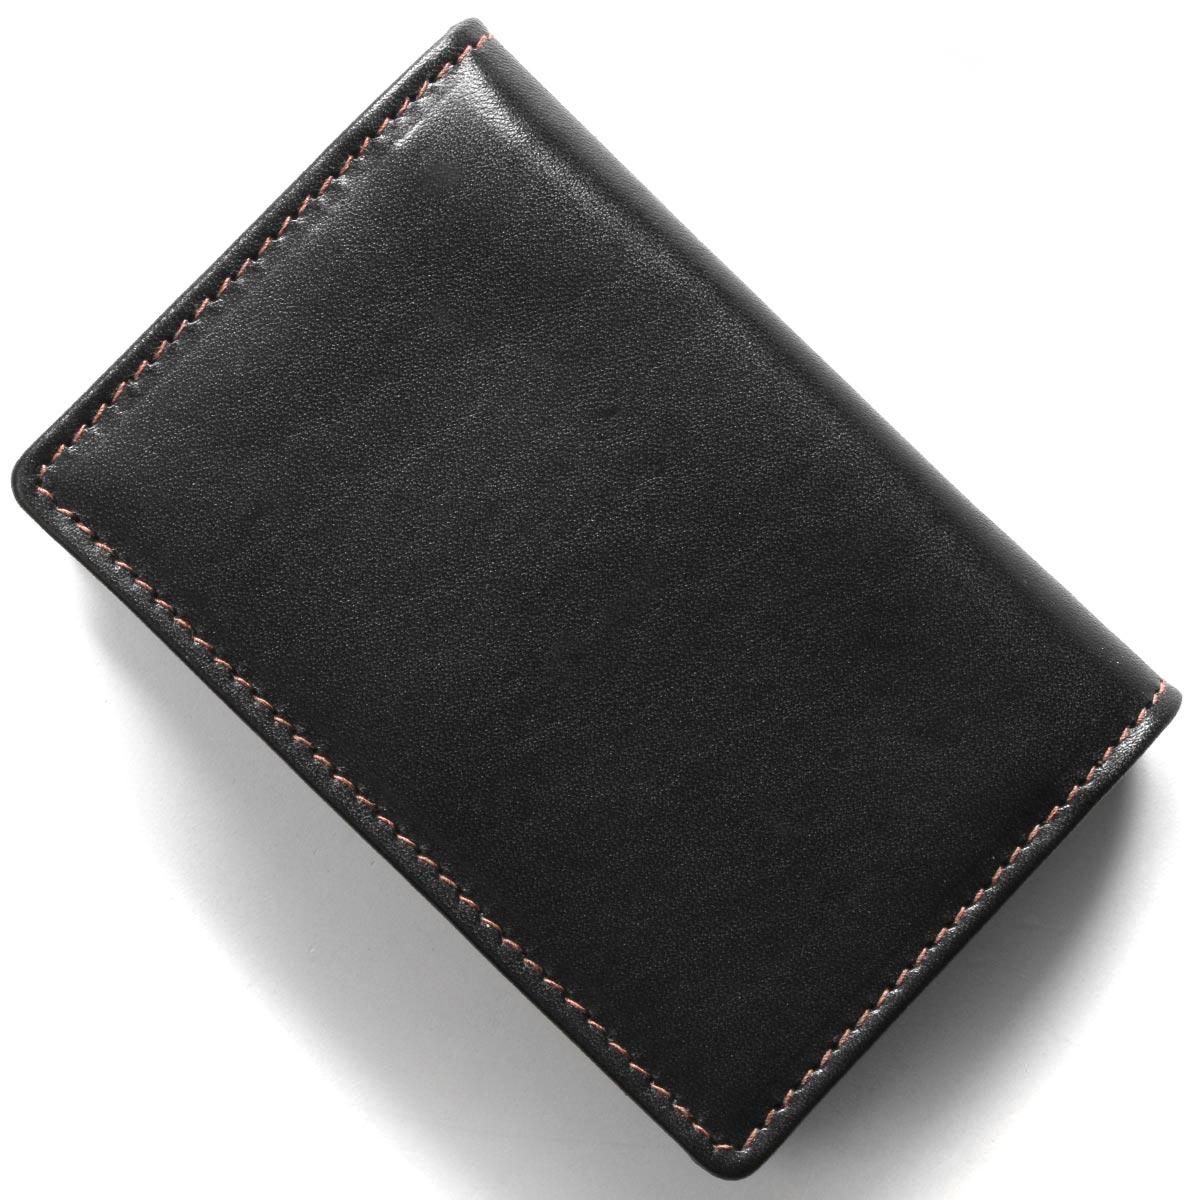 全国送料無料 ホワイトハウスコックス 名刺入れ カードケース メンズ ブラックキャメロブラウン COX CAMELLO 正規激安 S2380 新色追加して再販 WHITEHOUSE BLACK